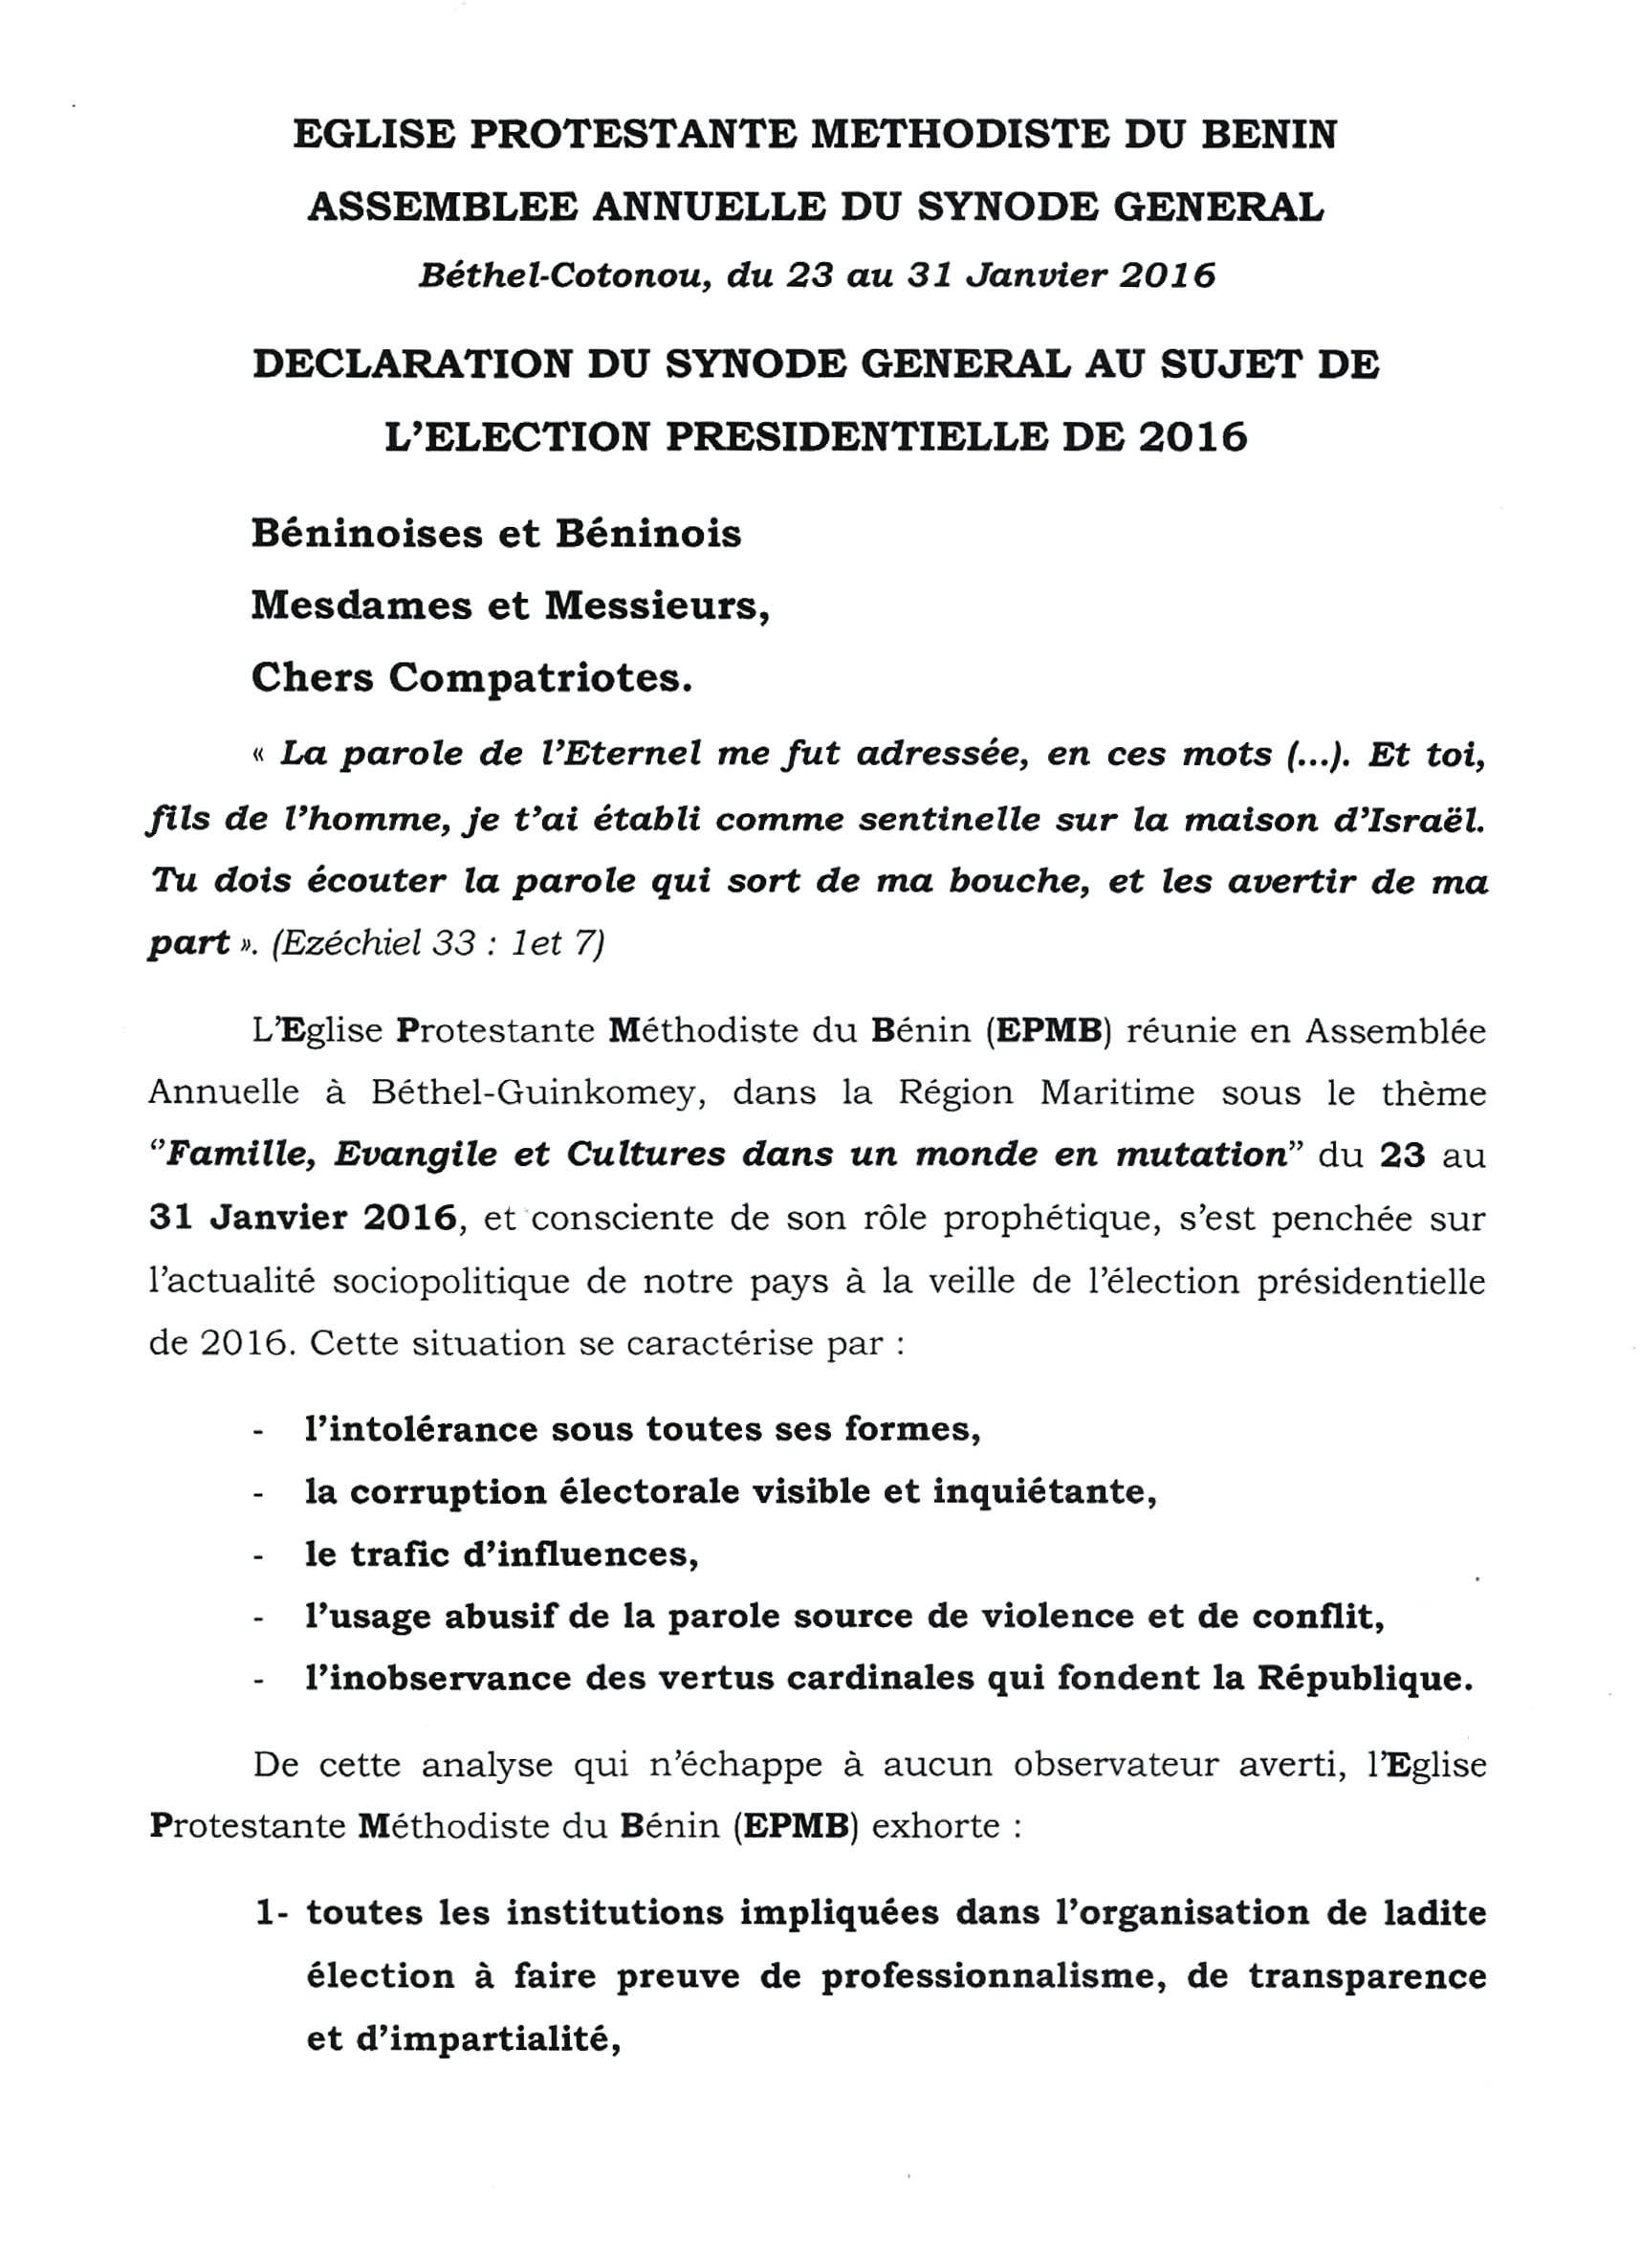 Déclaration du synode, partie 1